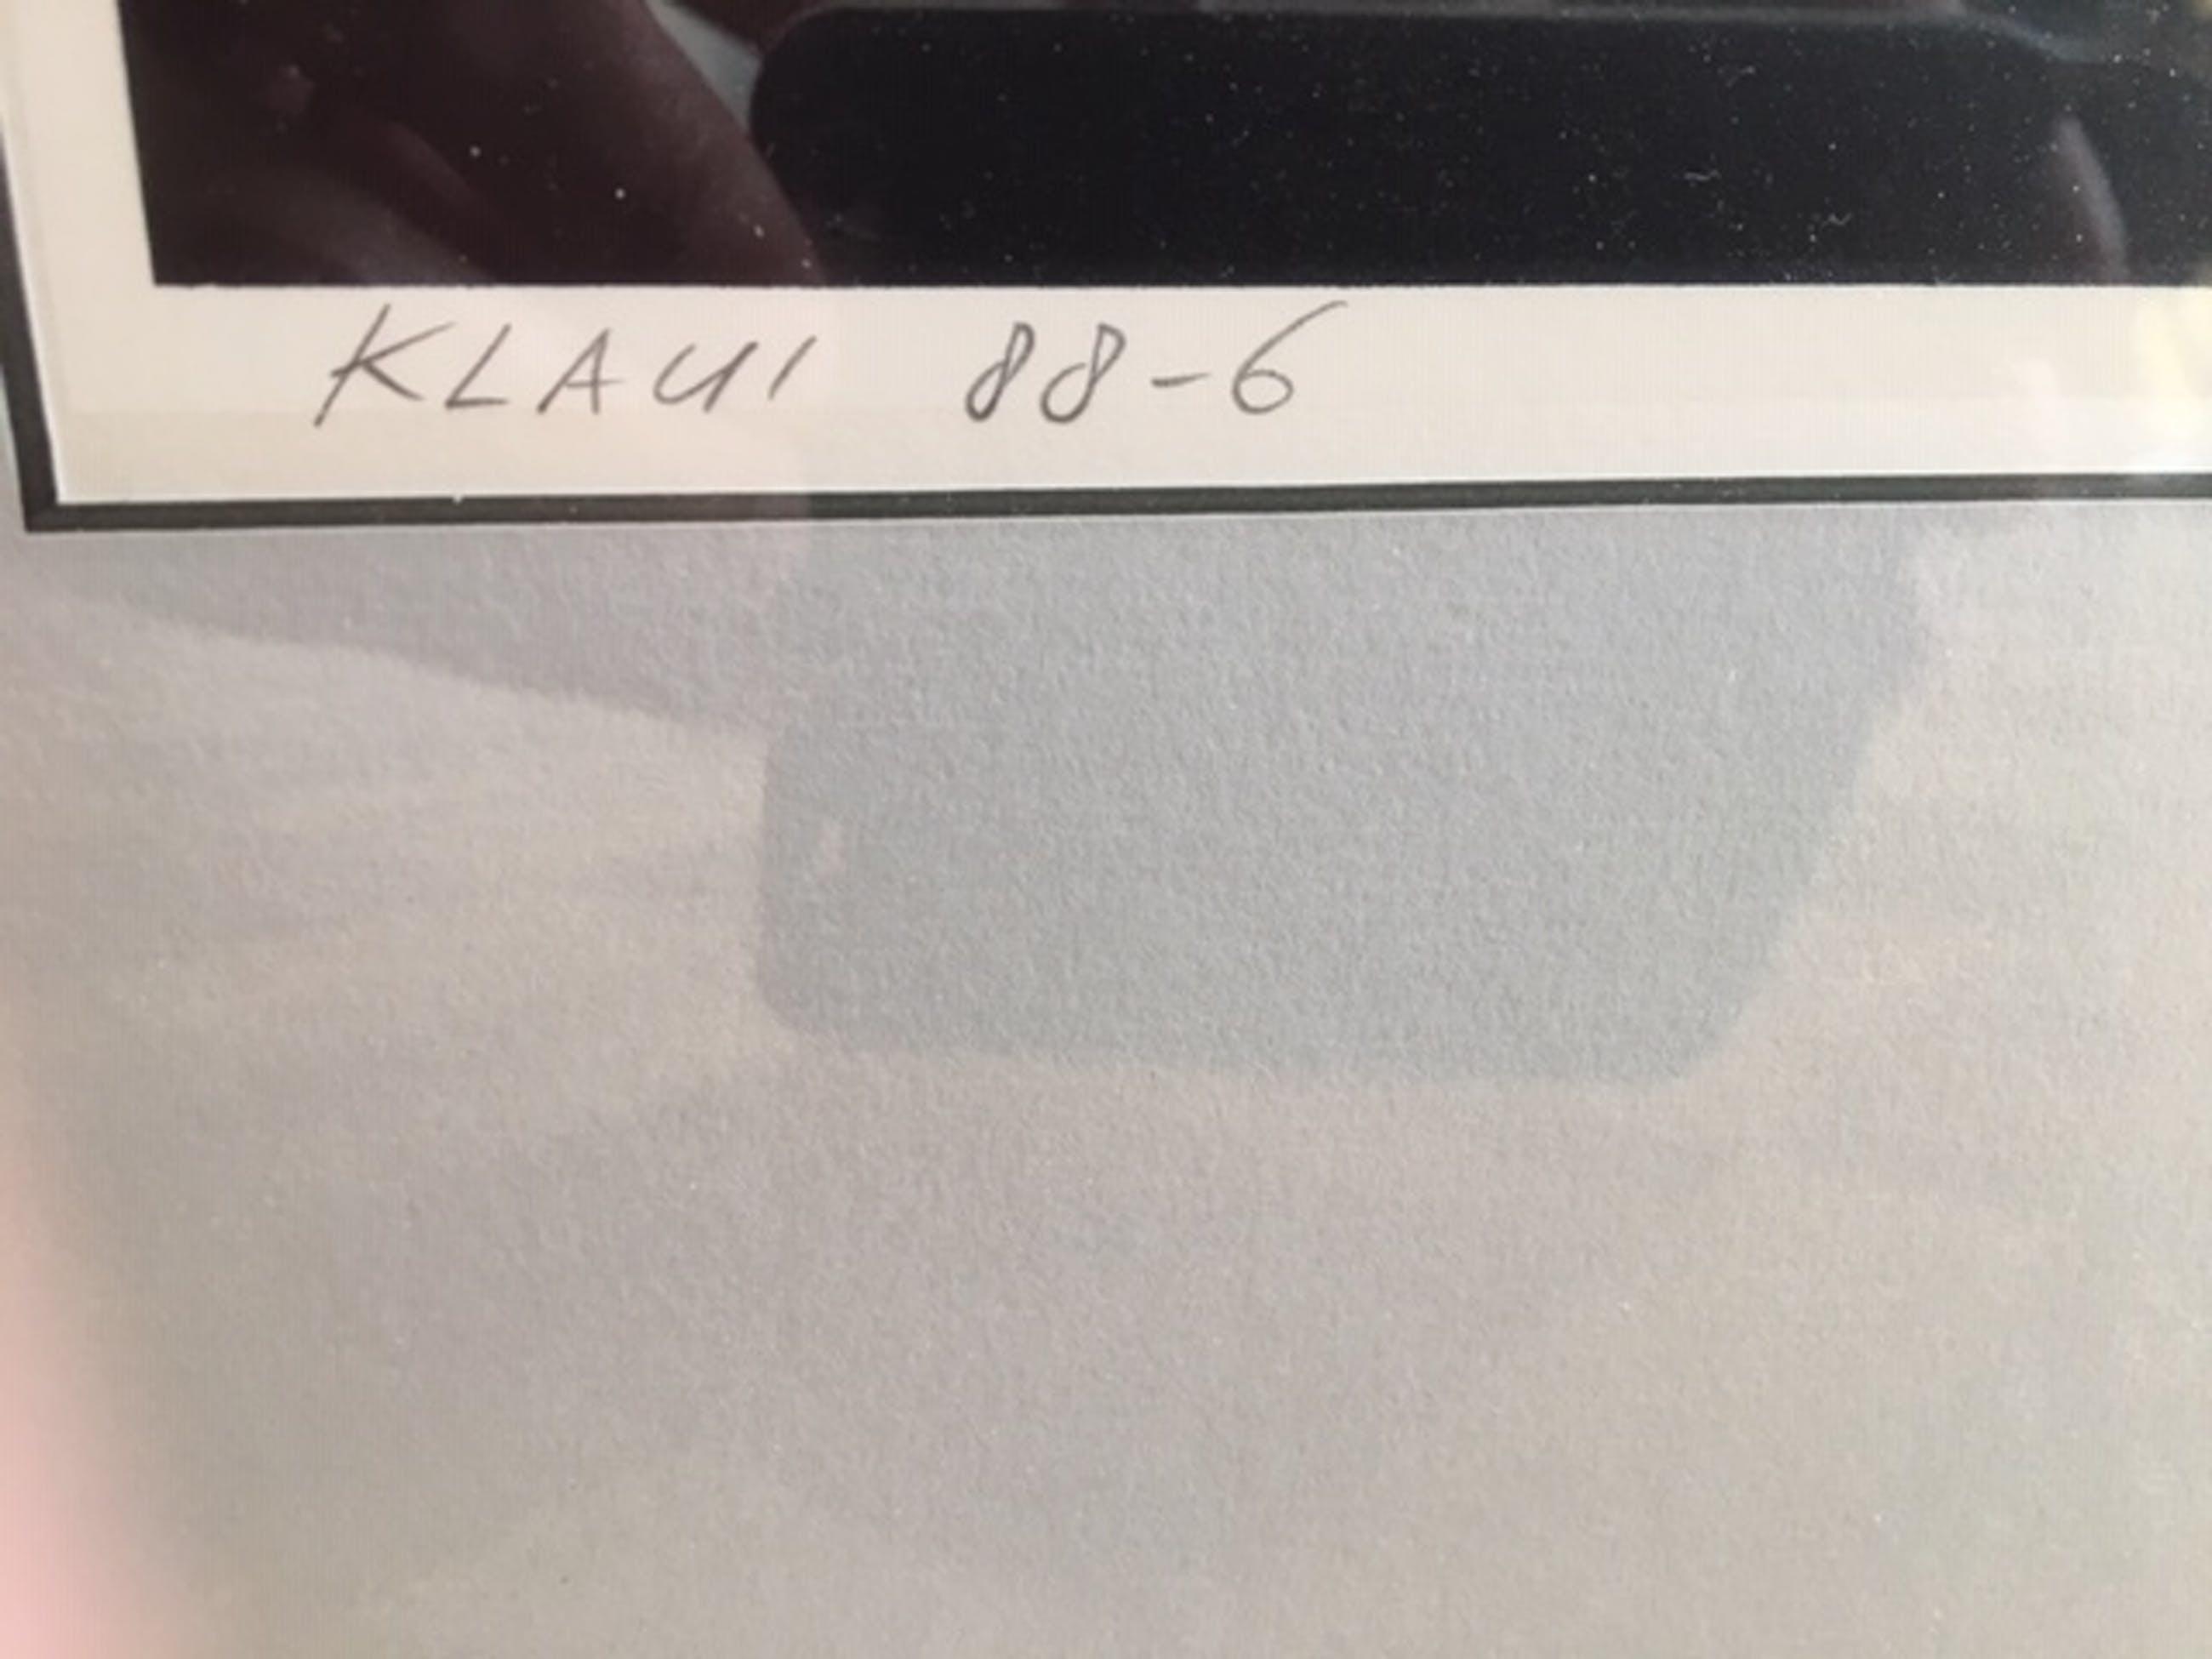 Hans Klaui - Klaui 88/6 kopen? Bied vanaf 65!